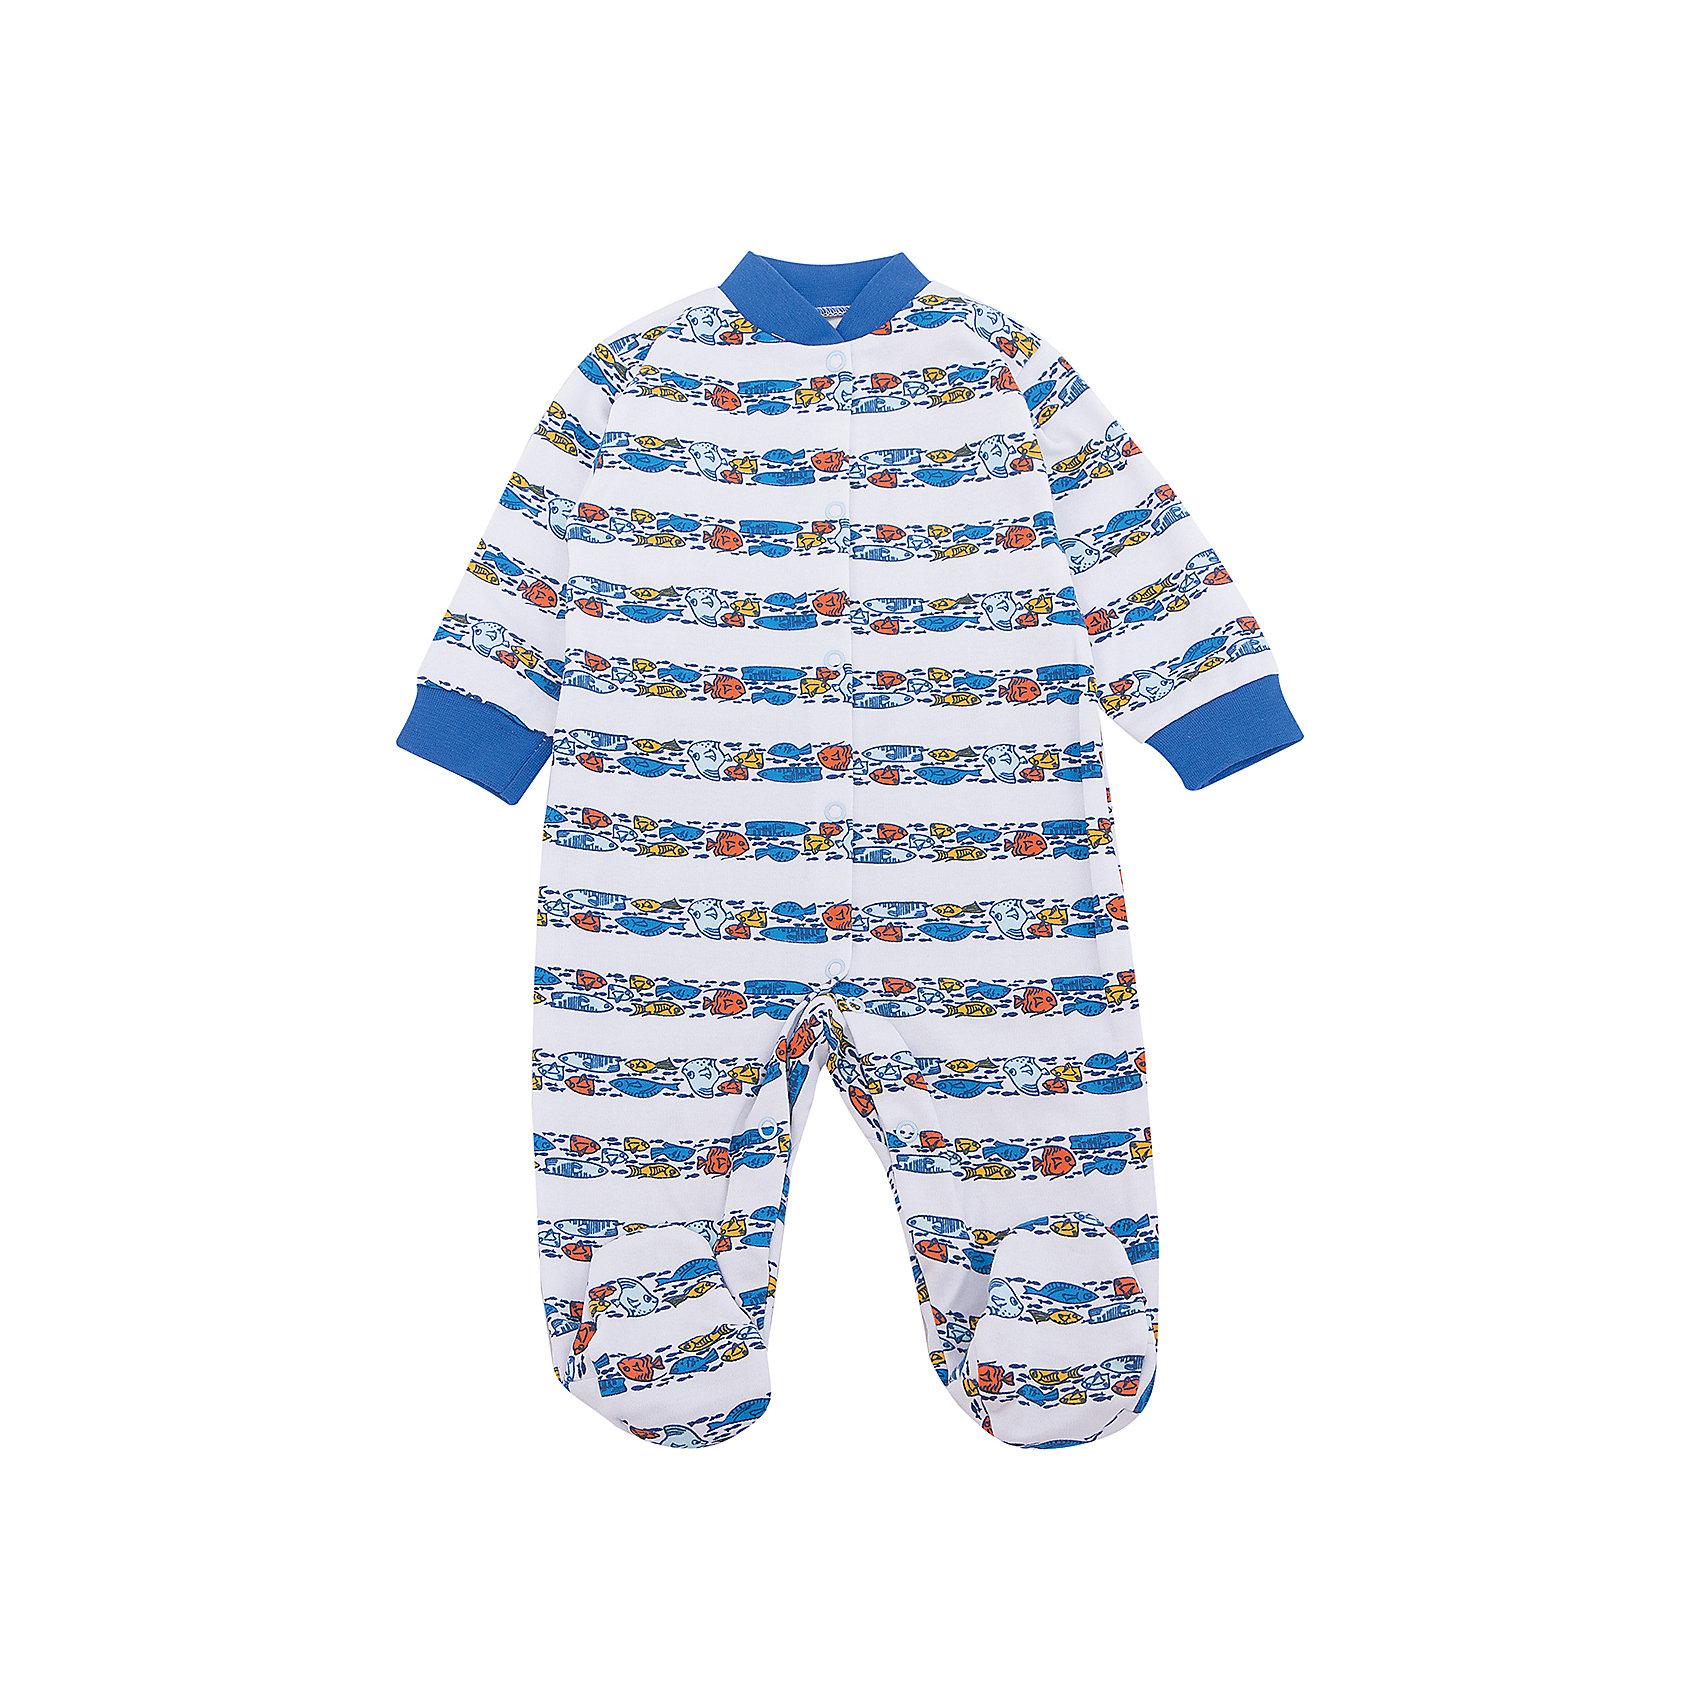 Комбинезон Веселый малыш для мальчикаКомбинезоны<br>Комбинезон Веселый малыш для мальчика<br>Комбинезон Морская жизнь из качественного натурального полотна (интерлок пенье).<br>Состав:<br>100%хлопок<br><br>Ширина мм: 157<br>Глубина мм: 13<br>Высота мм: 119<br>Вес г: 200<br>Цвет: голубой<br>Возраст от месяцев: 12<br>Возраст до месяцев: 15<br>Пол: Мужской<br>Возраст: Детский<br>Размер: 80,68,74<br>SKU: 7053361